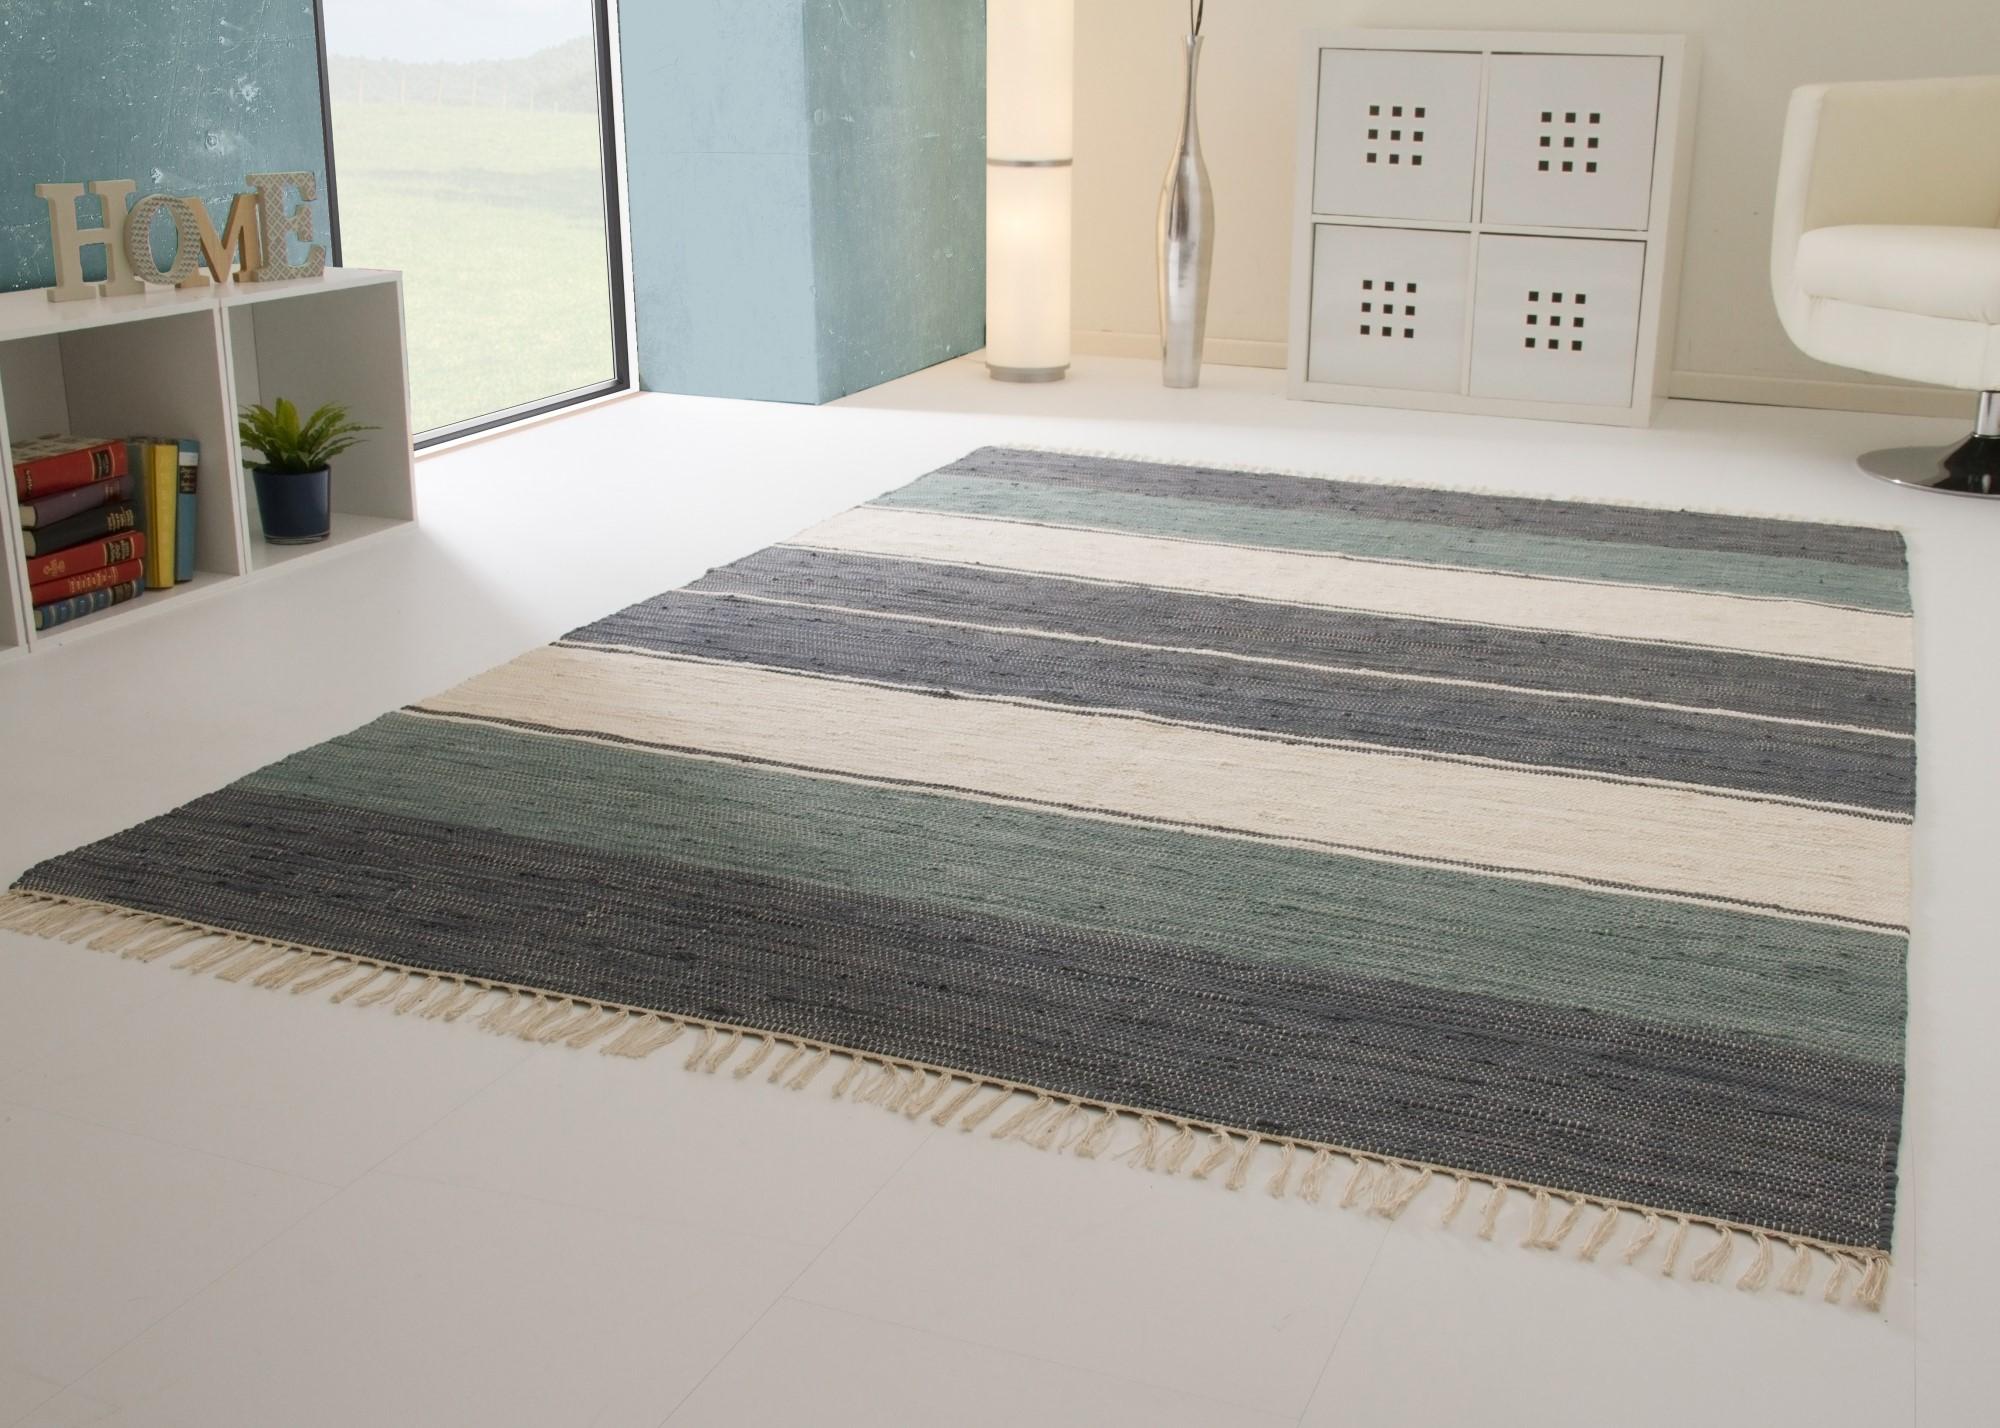 handwebteppich indira colour 100 baumwolle 4 farben handweb fleckerl waschbar ebay. Black Bedroom Furniture Sets. Home Design Ideas